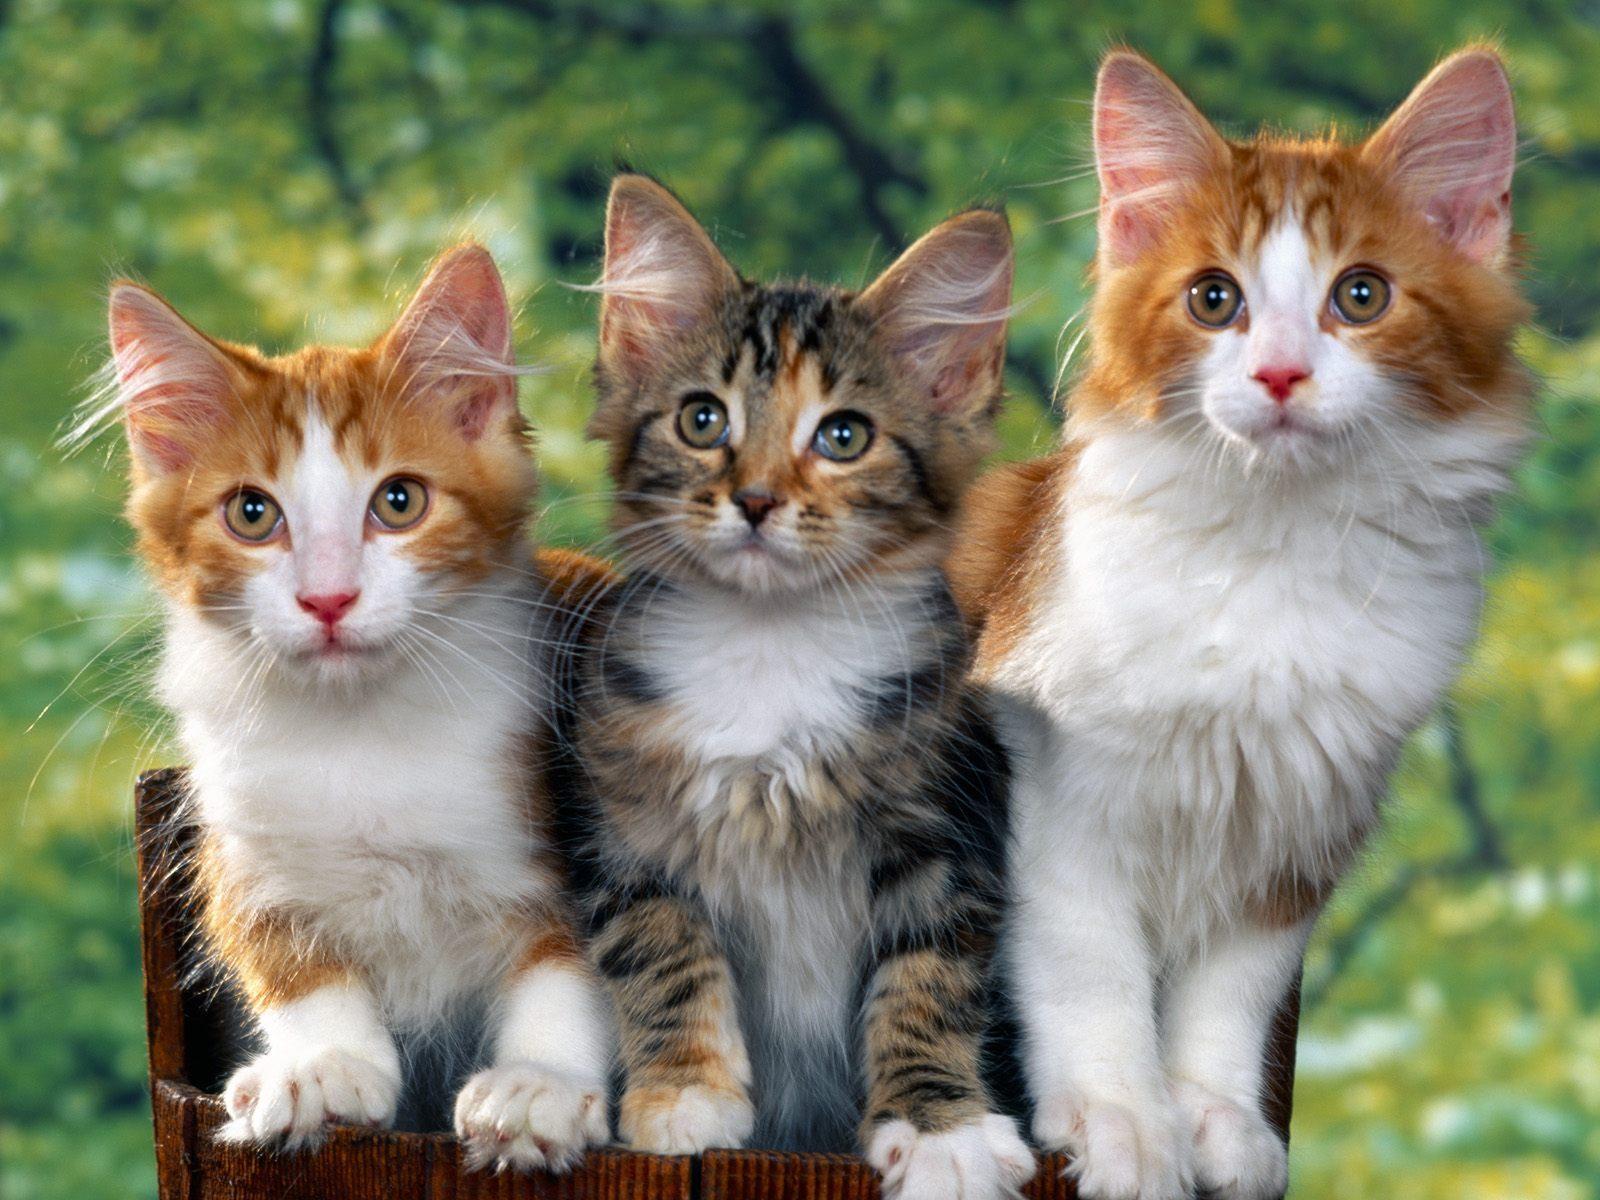 صور قطط حلوة  ,<br /><br /> صور قطط قمرات 2019 ,<br /><br /> قطة جميلة 2019 Photos Cats 2019_1412123033_254.